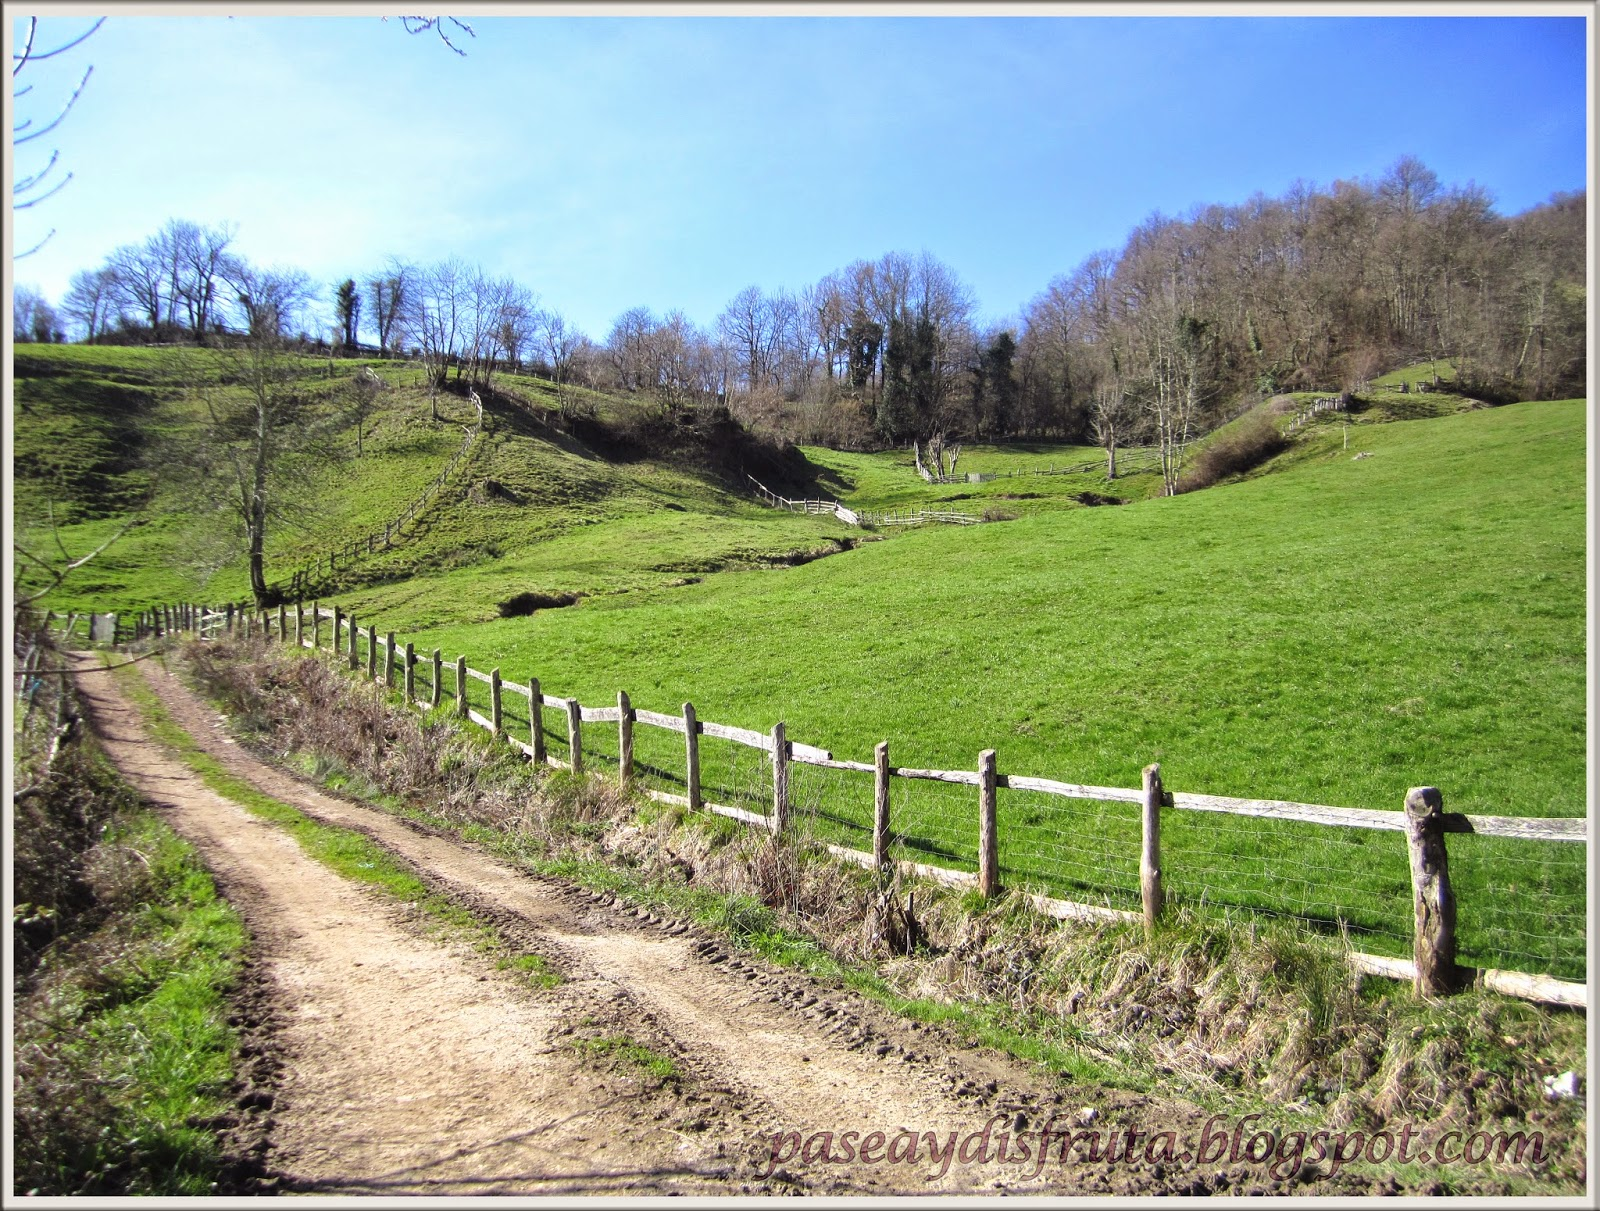 Mis paseos por Asturias: marzo 2015